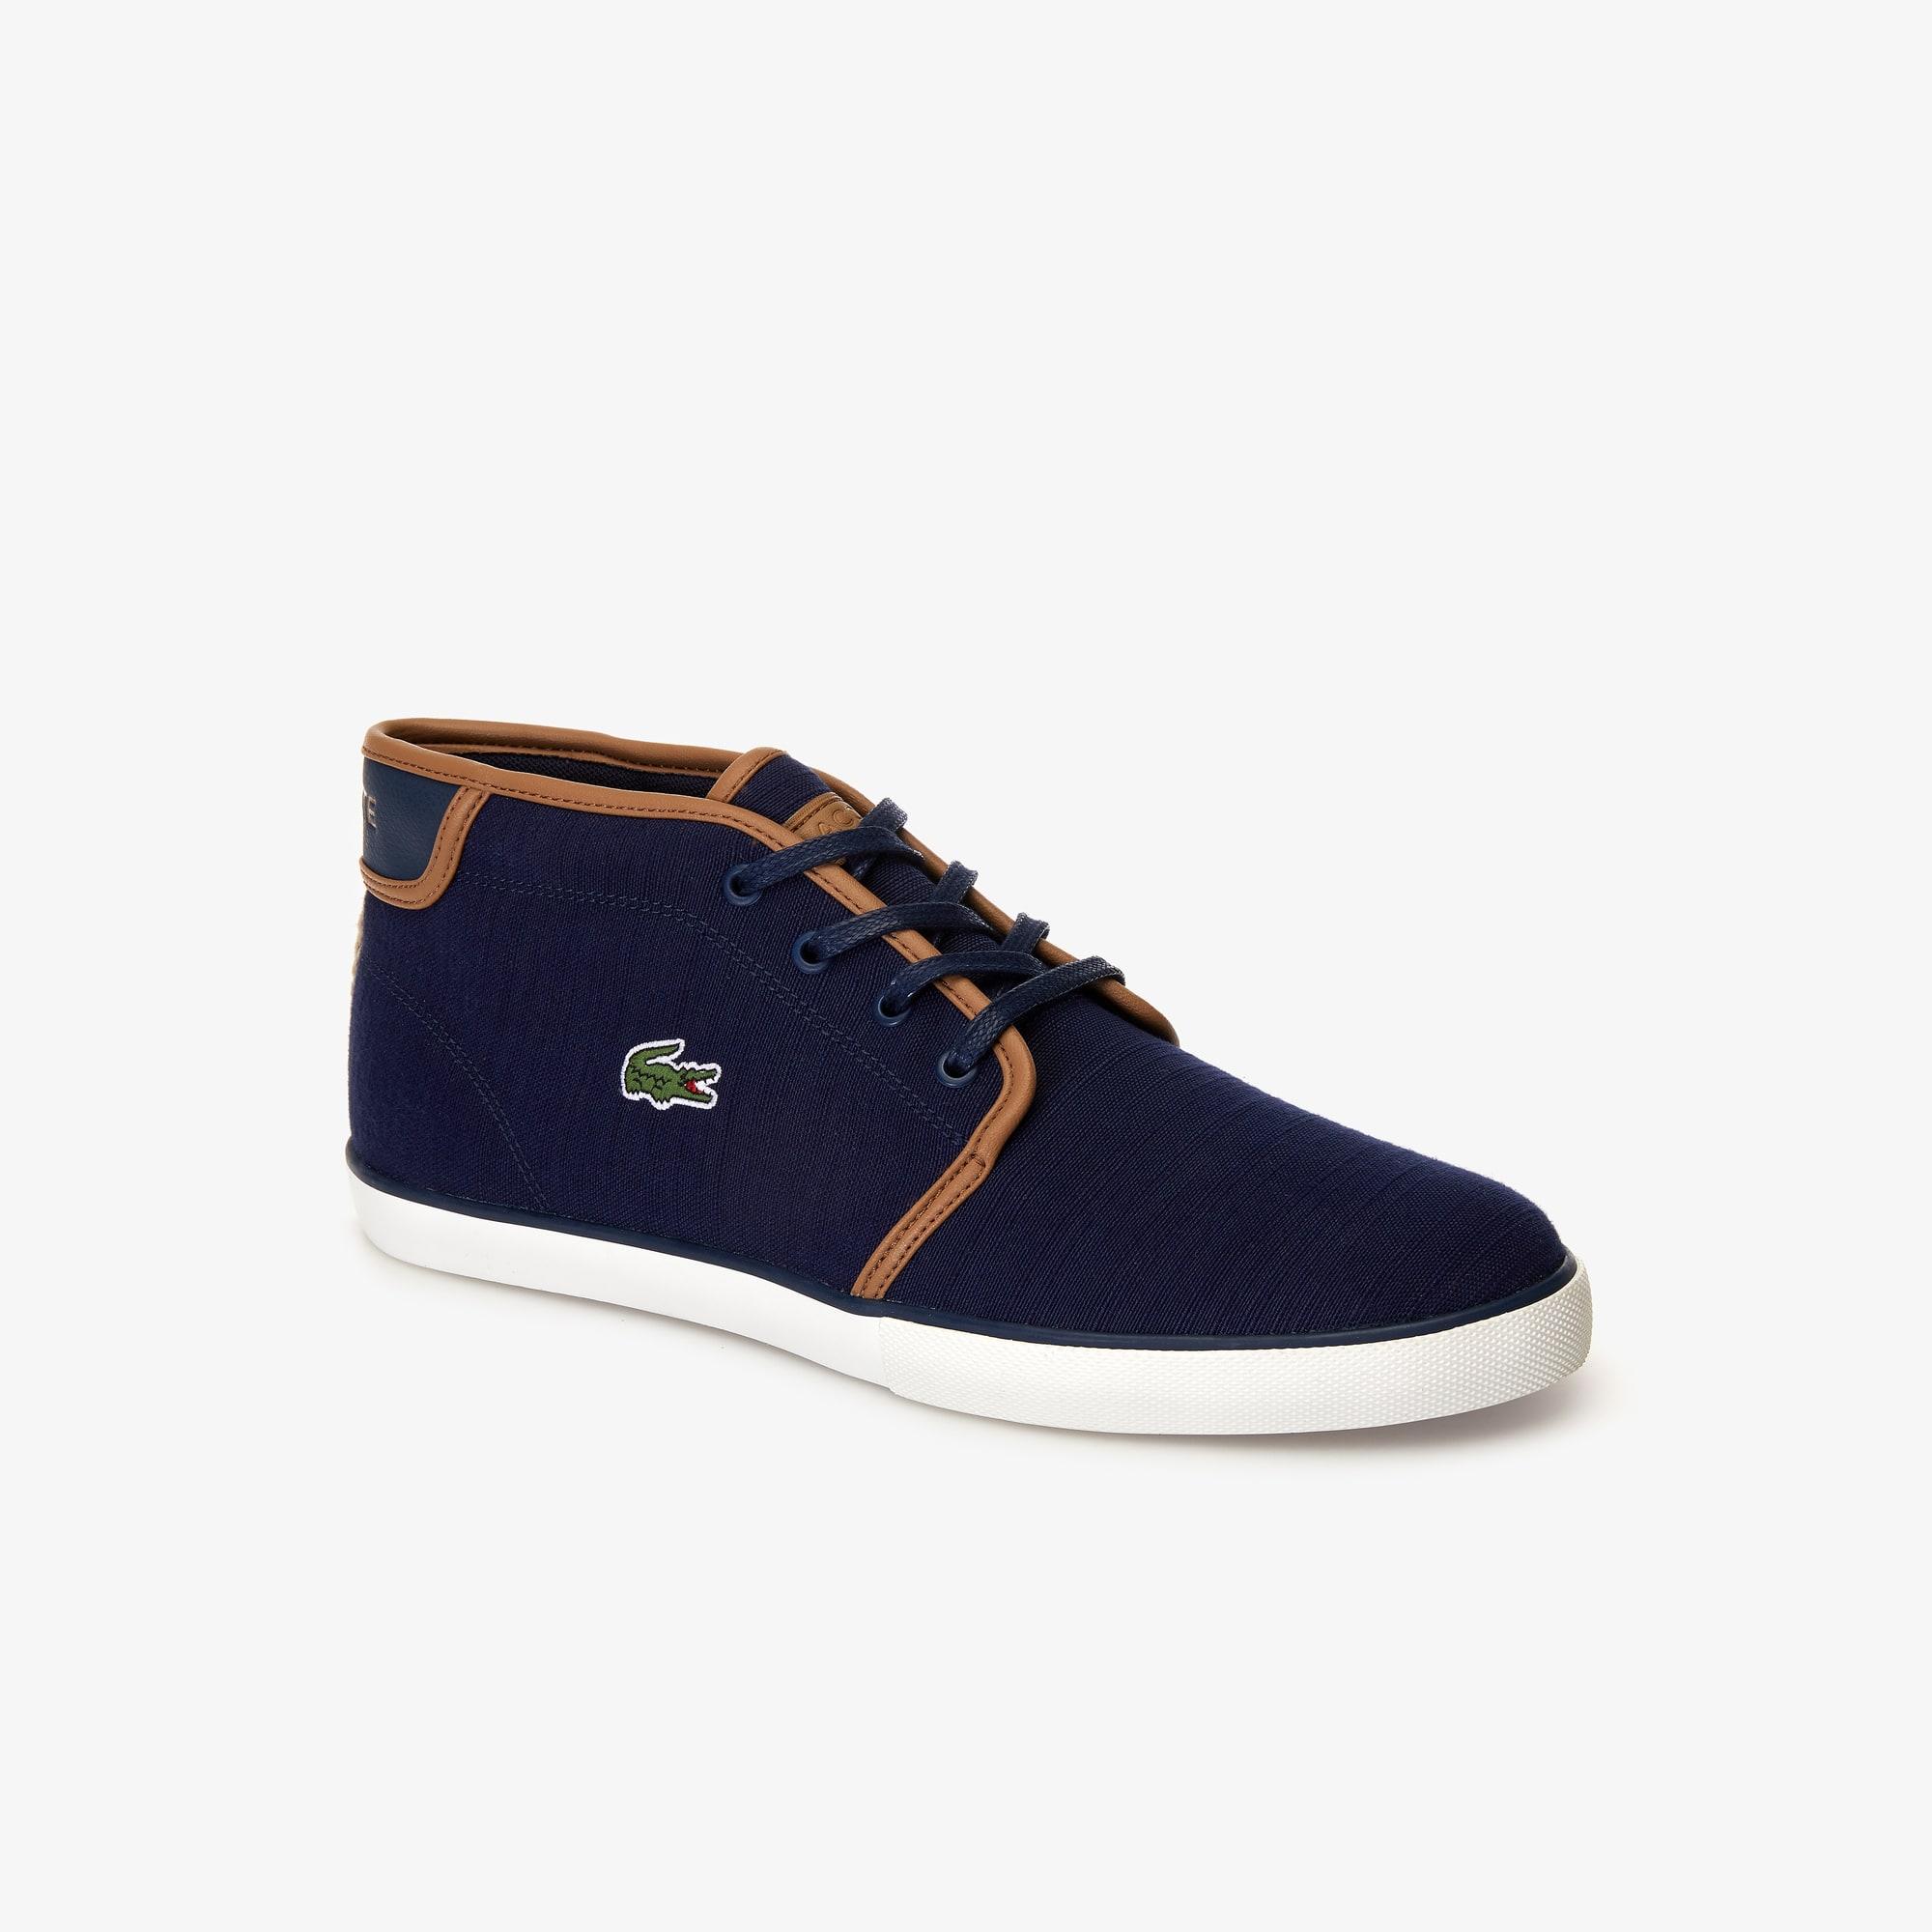 a3b8652ed2a Zapatillas para hombre | Calzado para hombre | LACOSTE